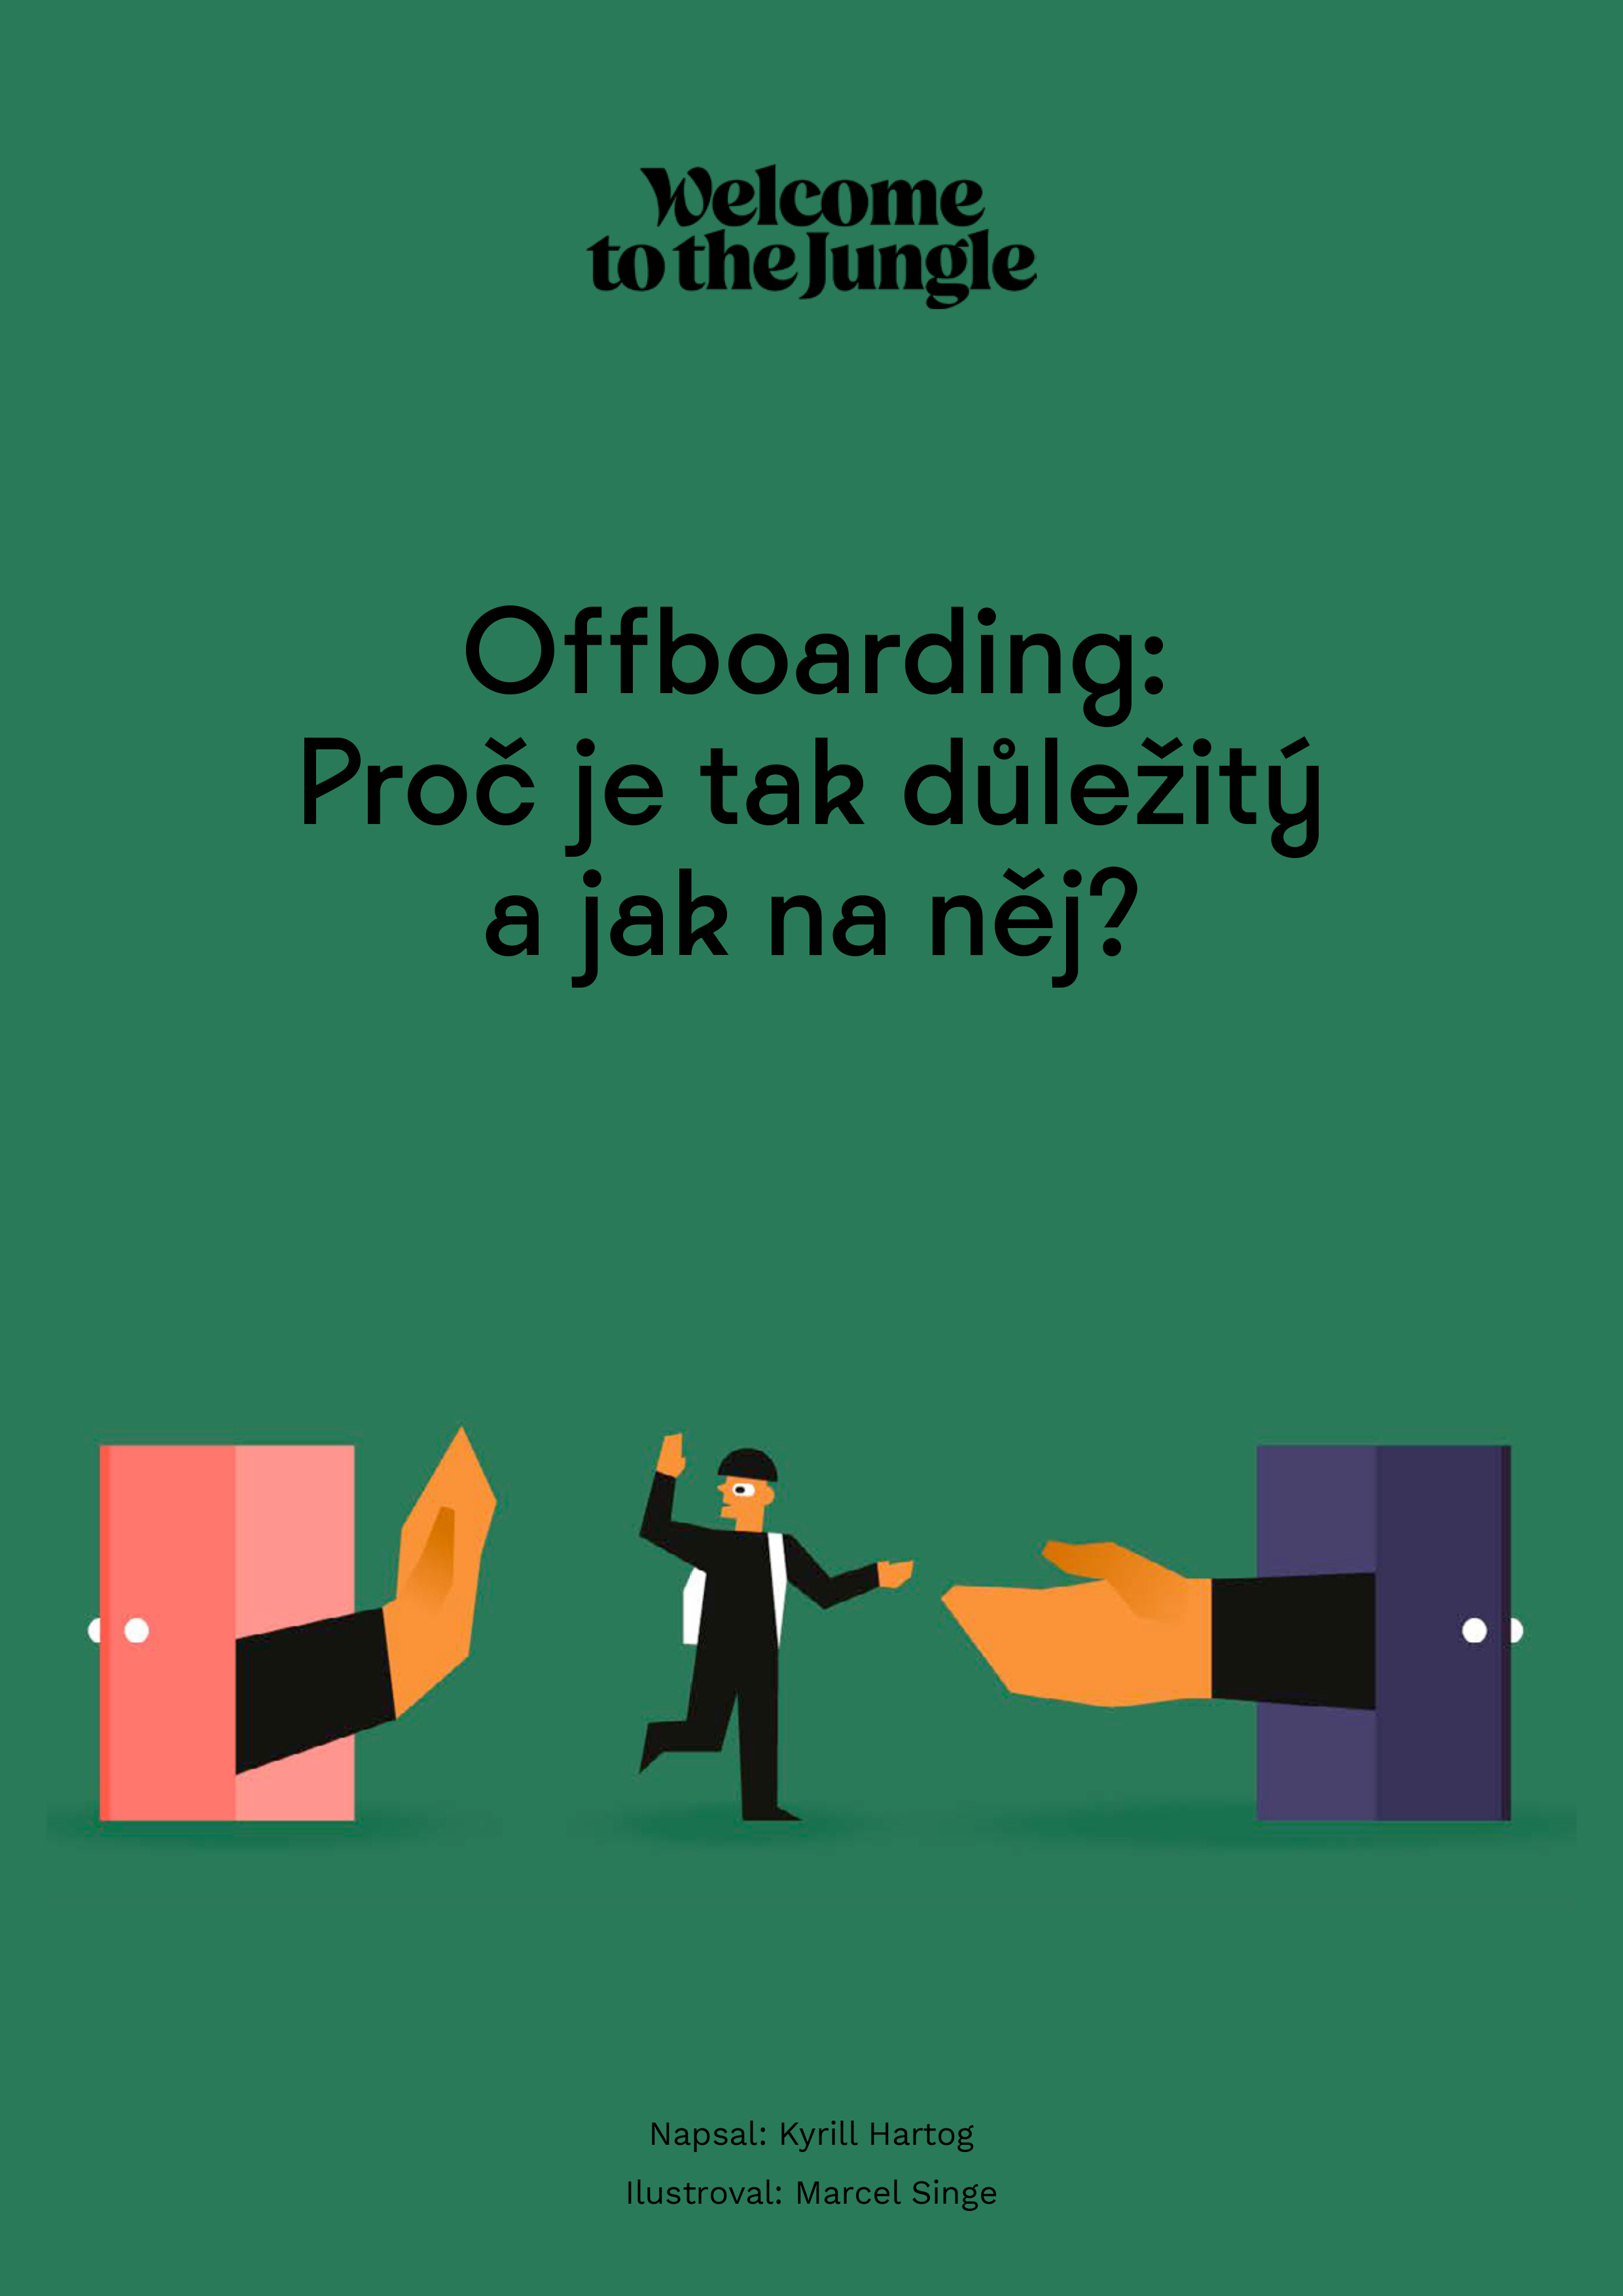 Offboarding: Proč je tak důležitý a jak na něj?